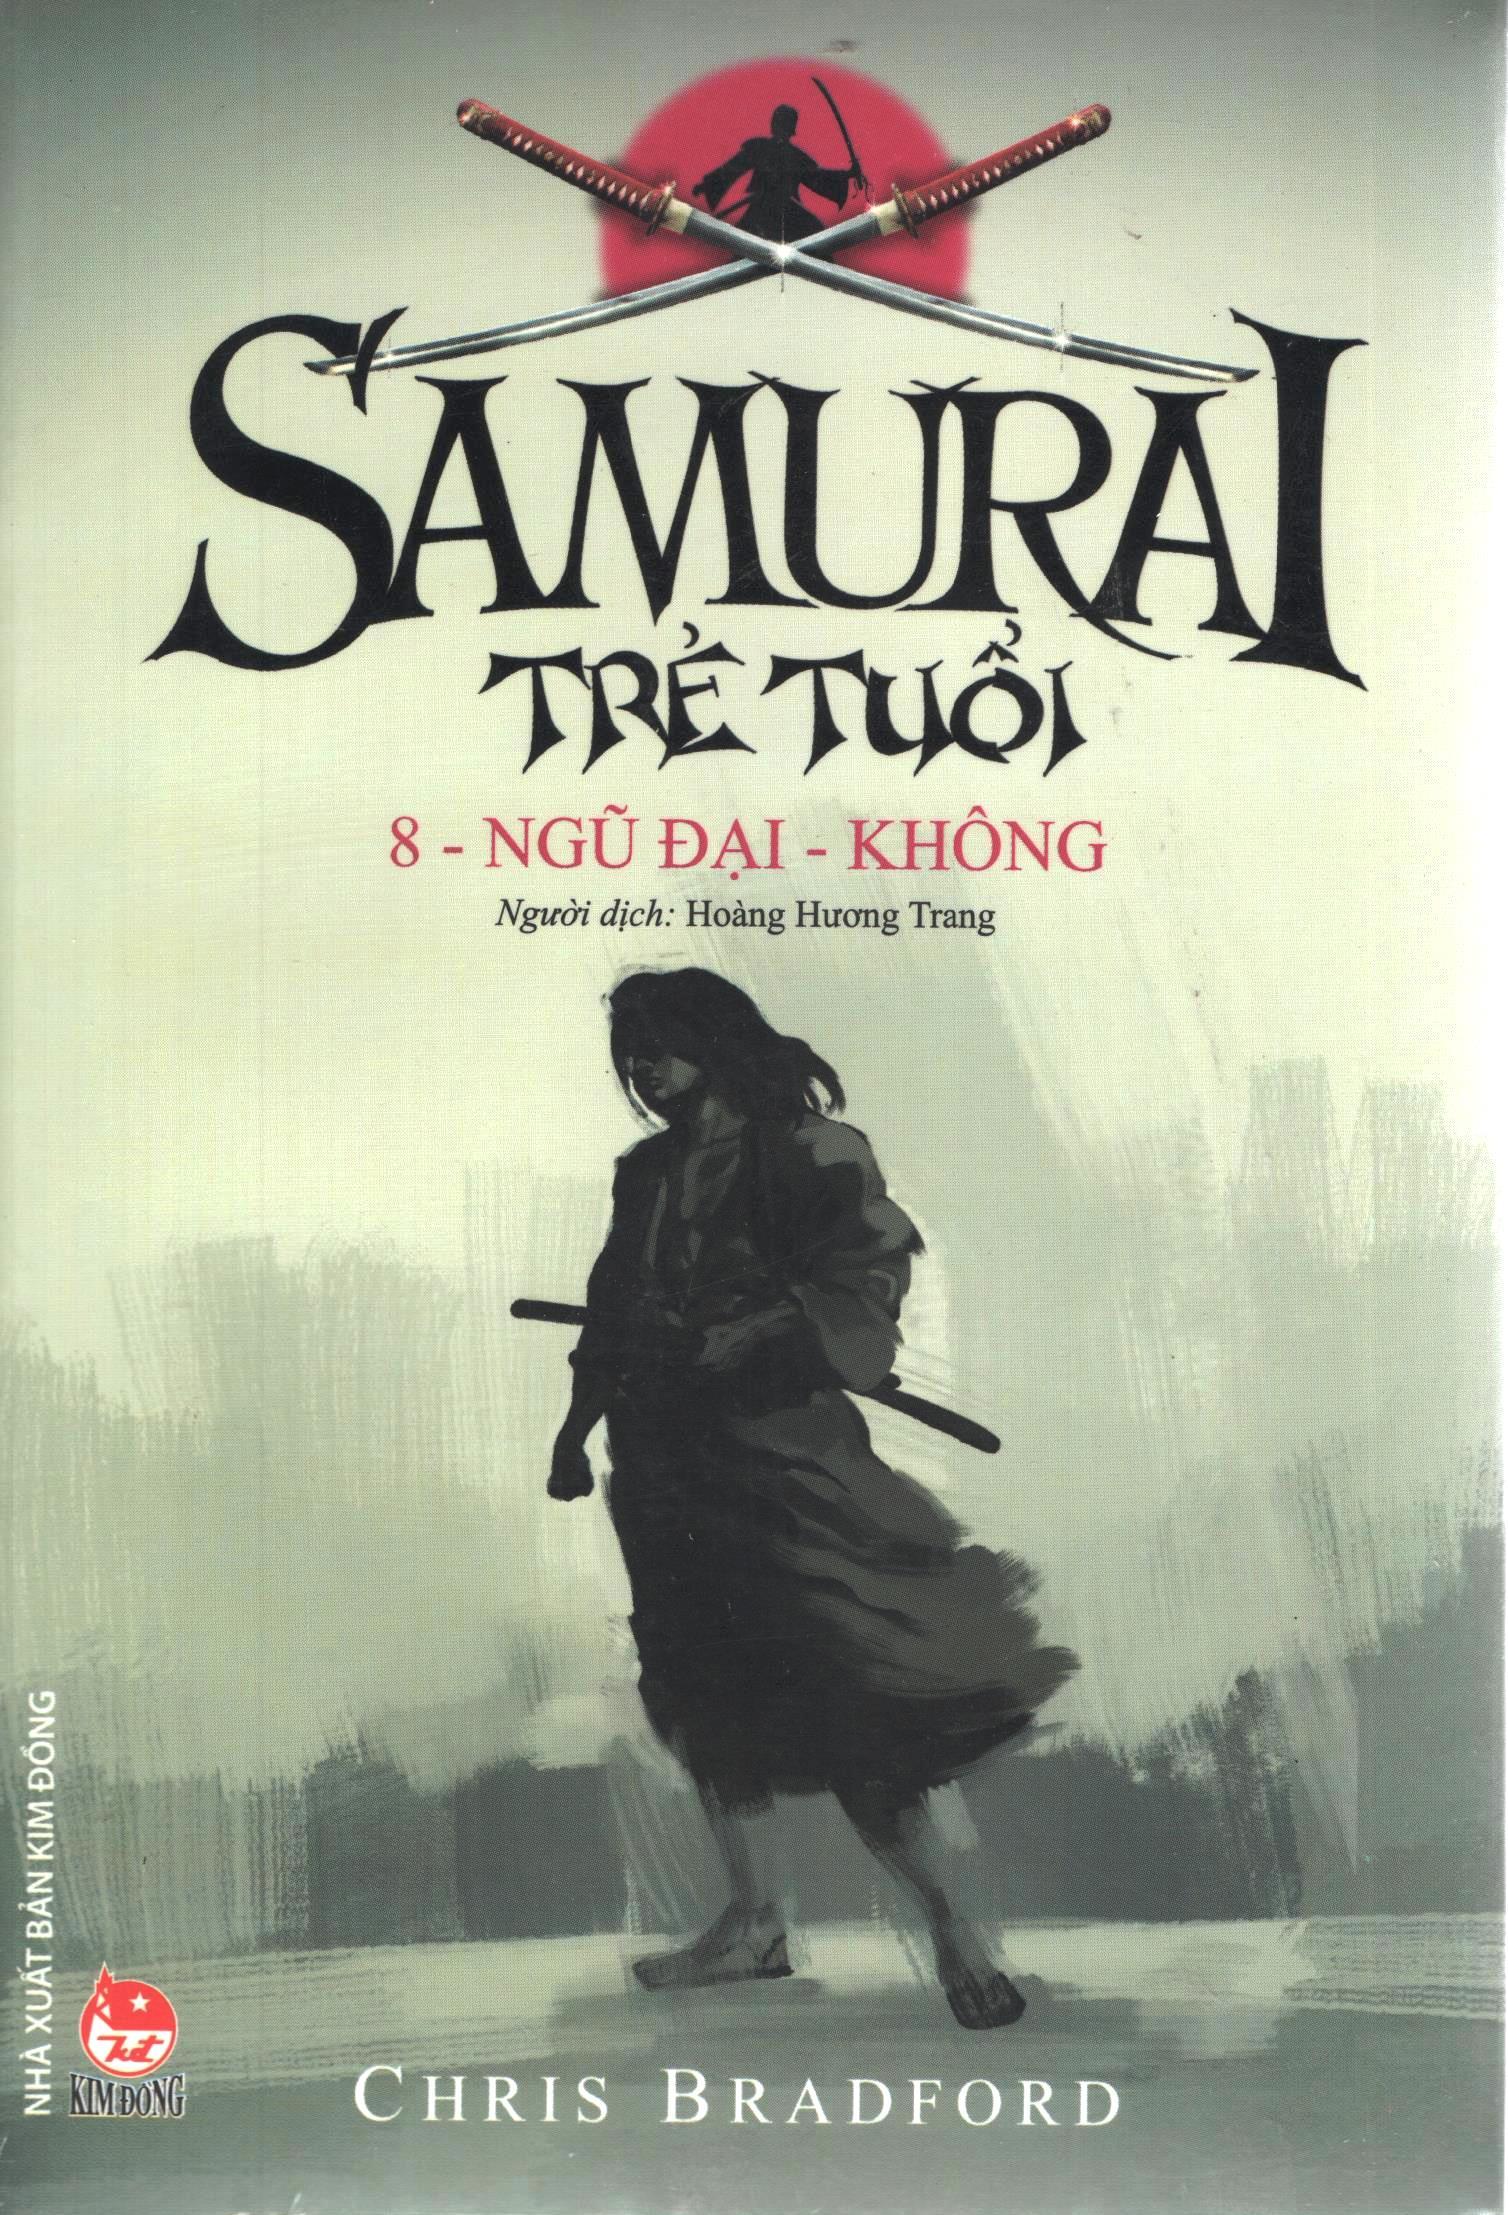 Bìa sách Samurai Trẻ Tuổi (Tập 8) - Ngũ Đại - Không